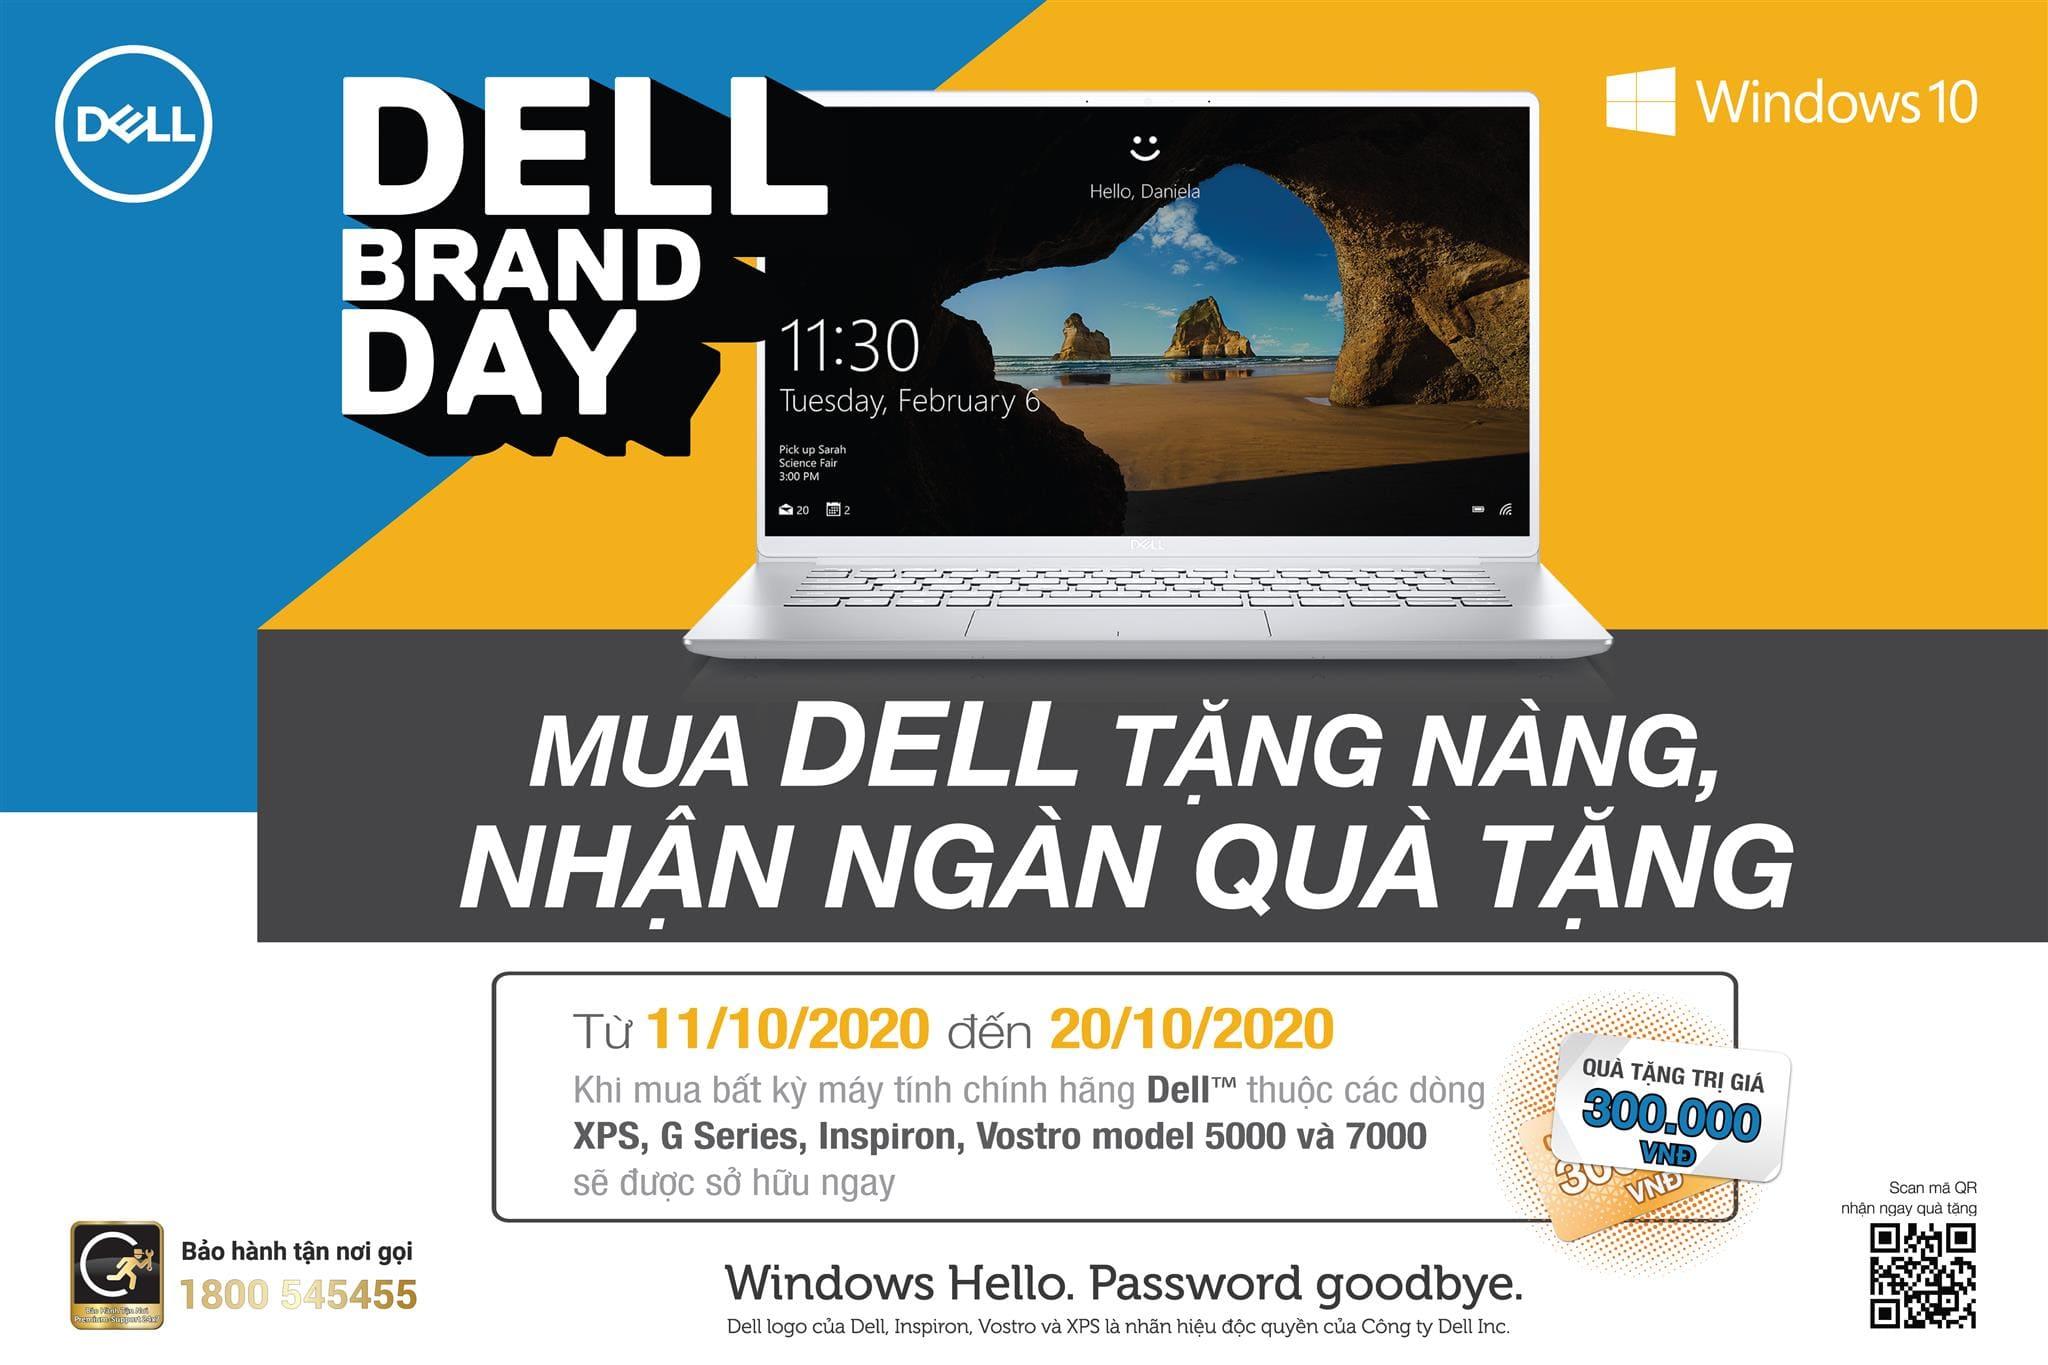 [Khuyến mãi] Mua Dell tặng nàng - Nhận ngàn quà tặng